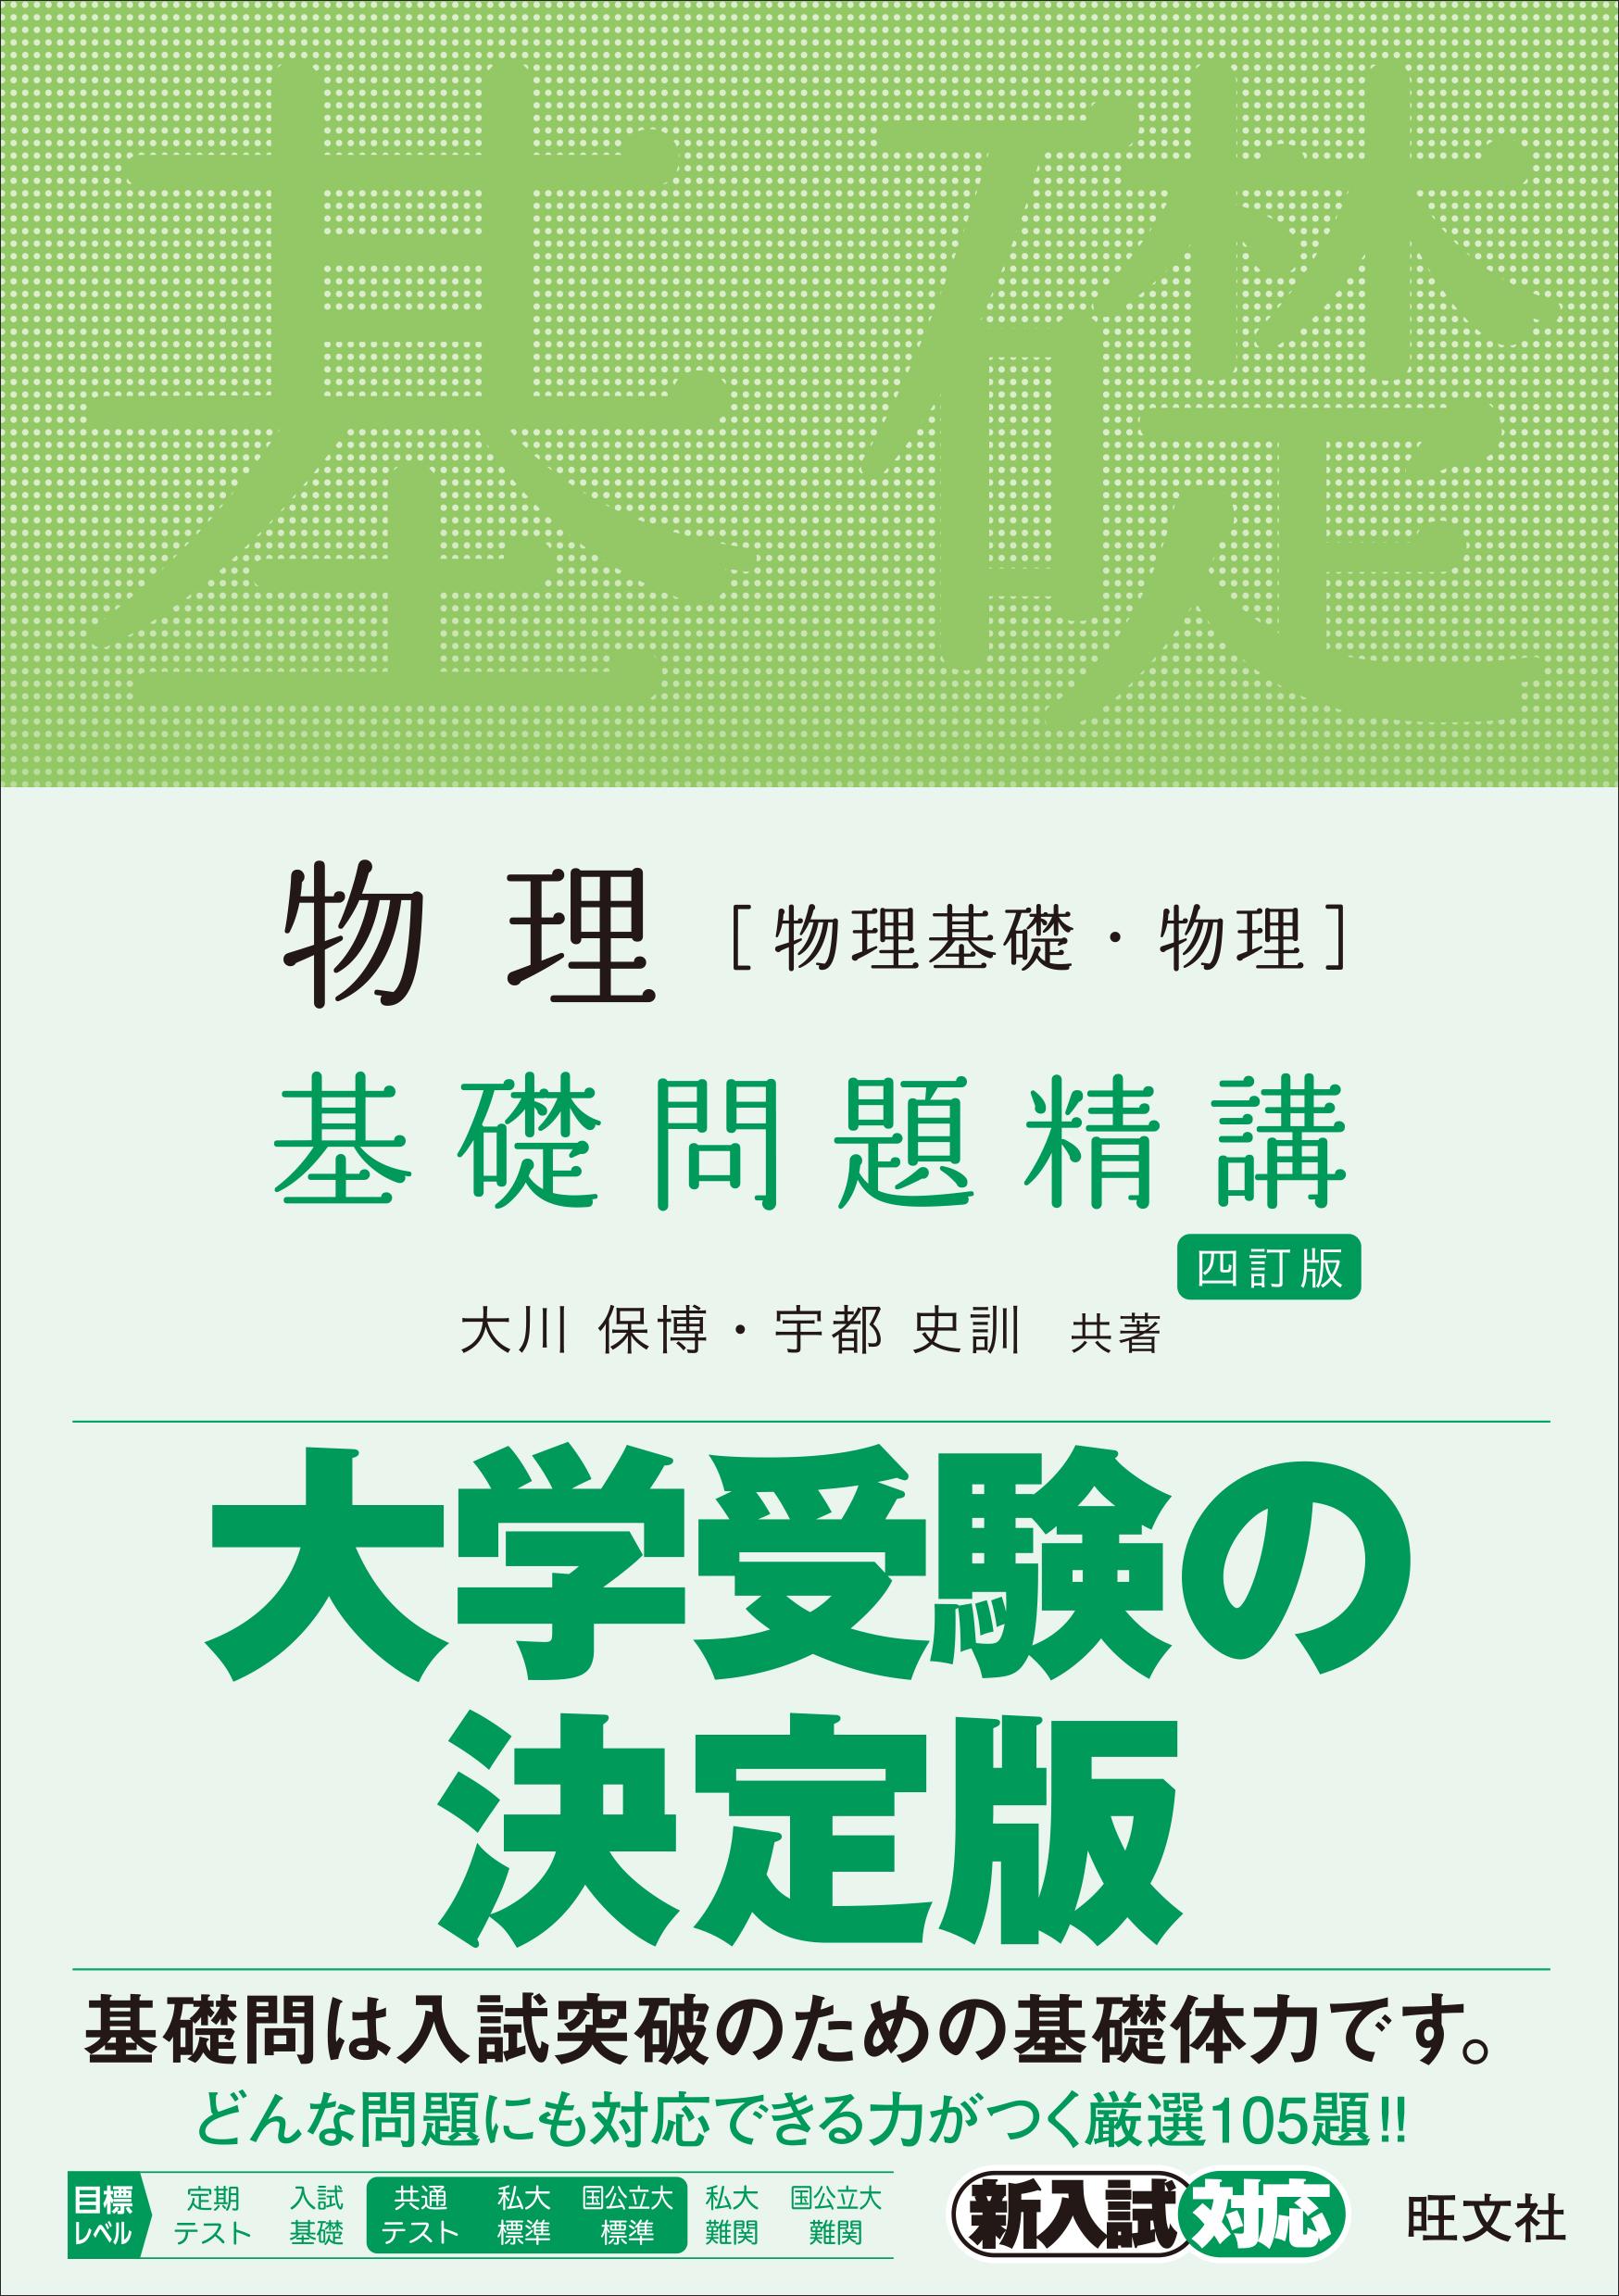 物理[物理基礎・物理]基礎問題精講 四訂版 | 旺文社